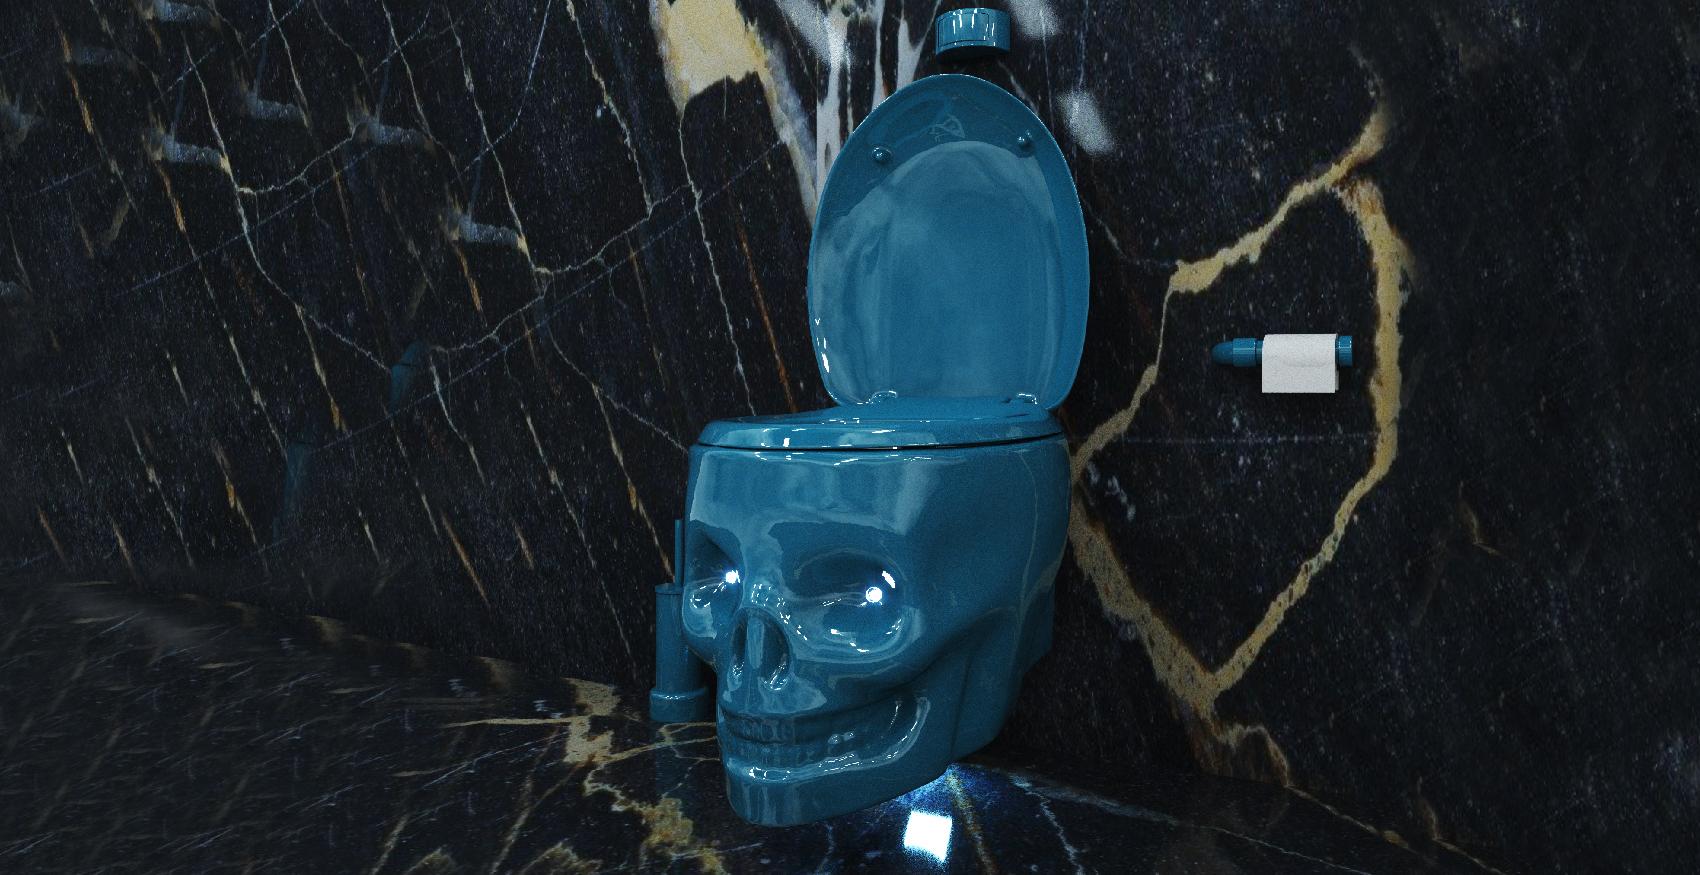 water throne bleu wc tete de mort toilet skull